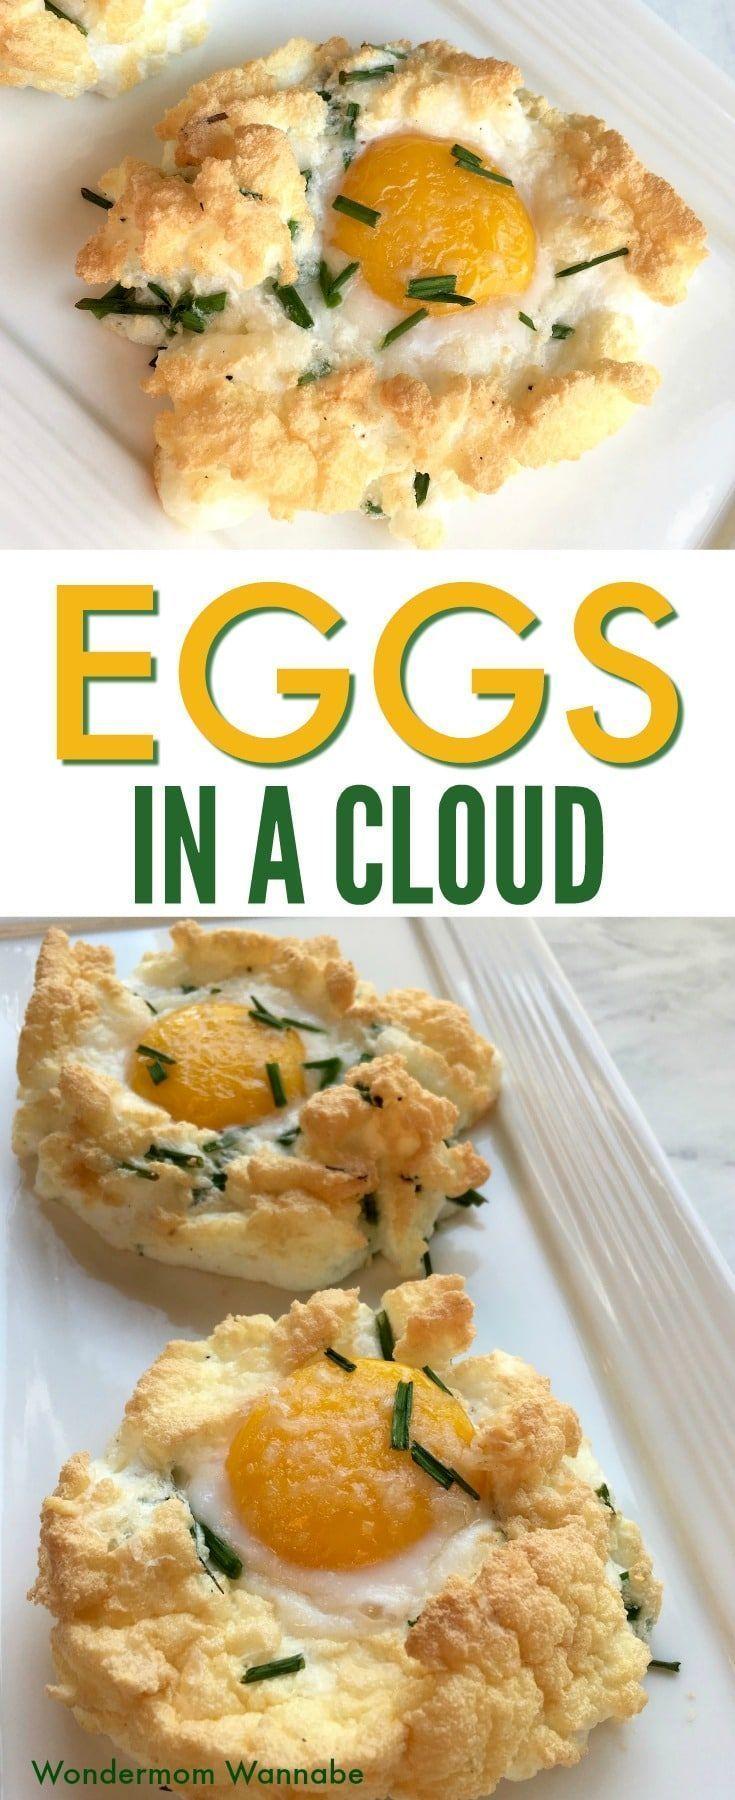 Diese Wolke Eier sind so hübsch und täuschend einfach zu machen. Nur 4 Zutaten ...-  #diese #eggsinmuffintin #Eier #einfach #hübsch #machen #nur #pickledeggs #sind #täuschend #und #Wolke #Zutaten-  Diese Wolke Eier sind so hübsch und täuschend einfach zu machen. Nur 4 Zutaten …   Diese Wolke Eier sind so hübsch und täuschend einfach zu machen. Nur 4 Zutaten und ein paar Minuten sind alles, was Sie brauchen, um sie zuzubereiten! #Eier #Frühstücksrezept  Diese Wolke Eier sind so hübsch und täusch #cloudeggs